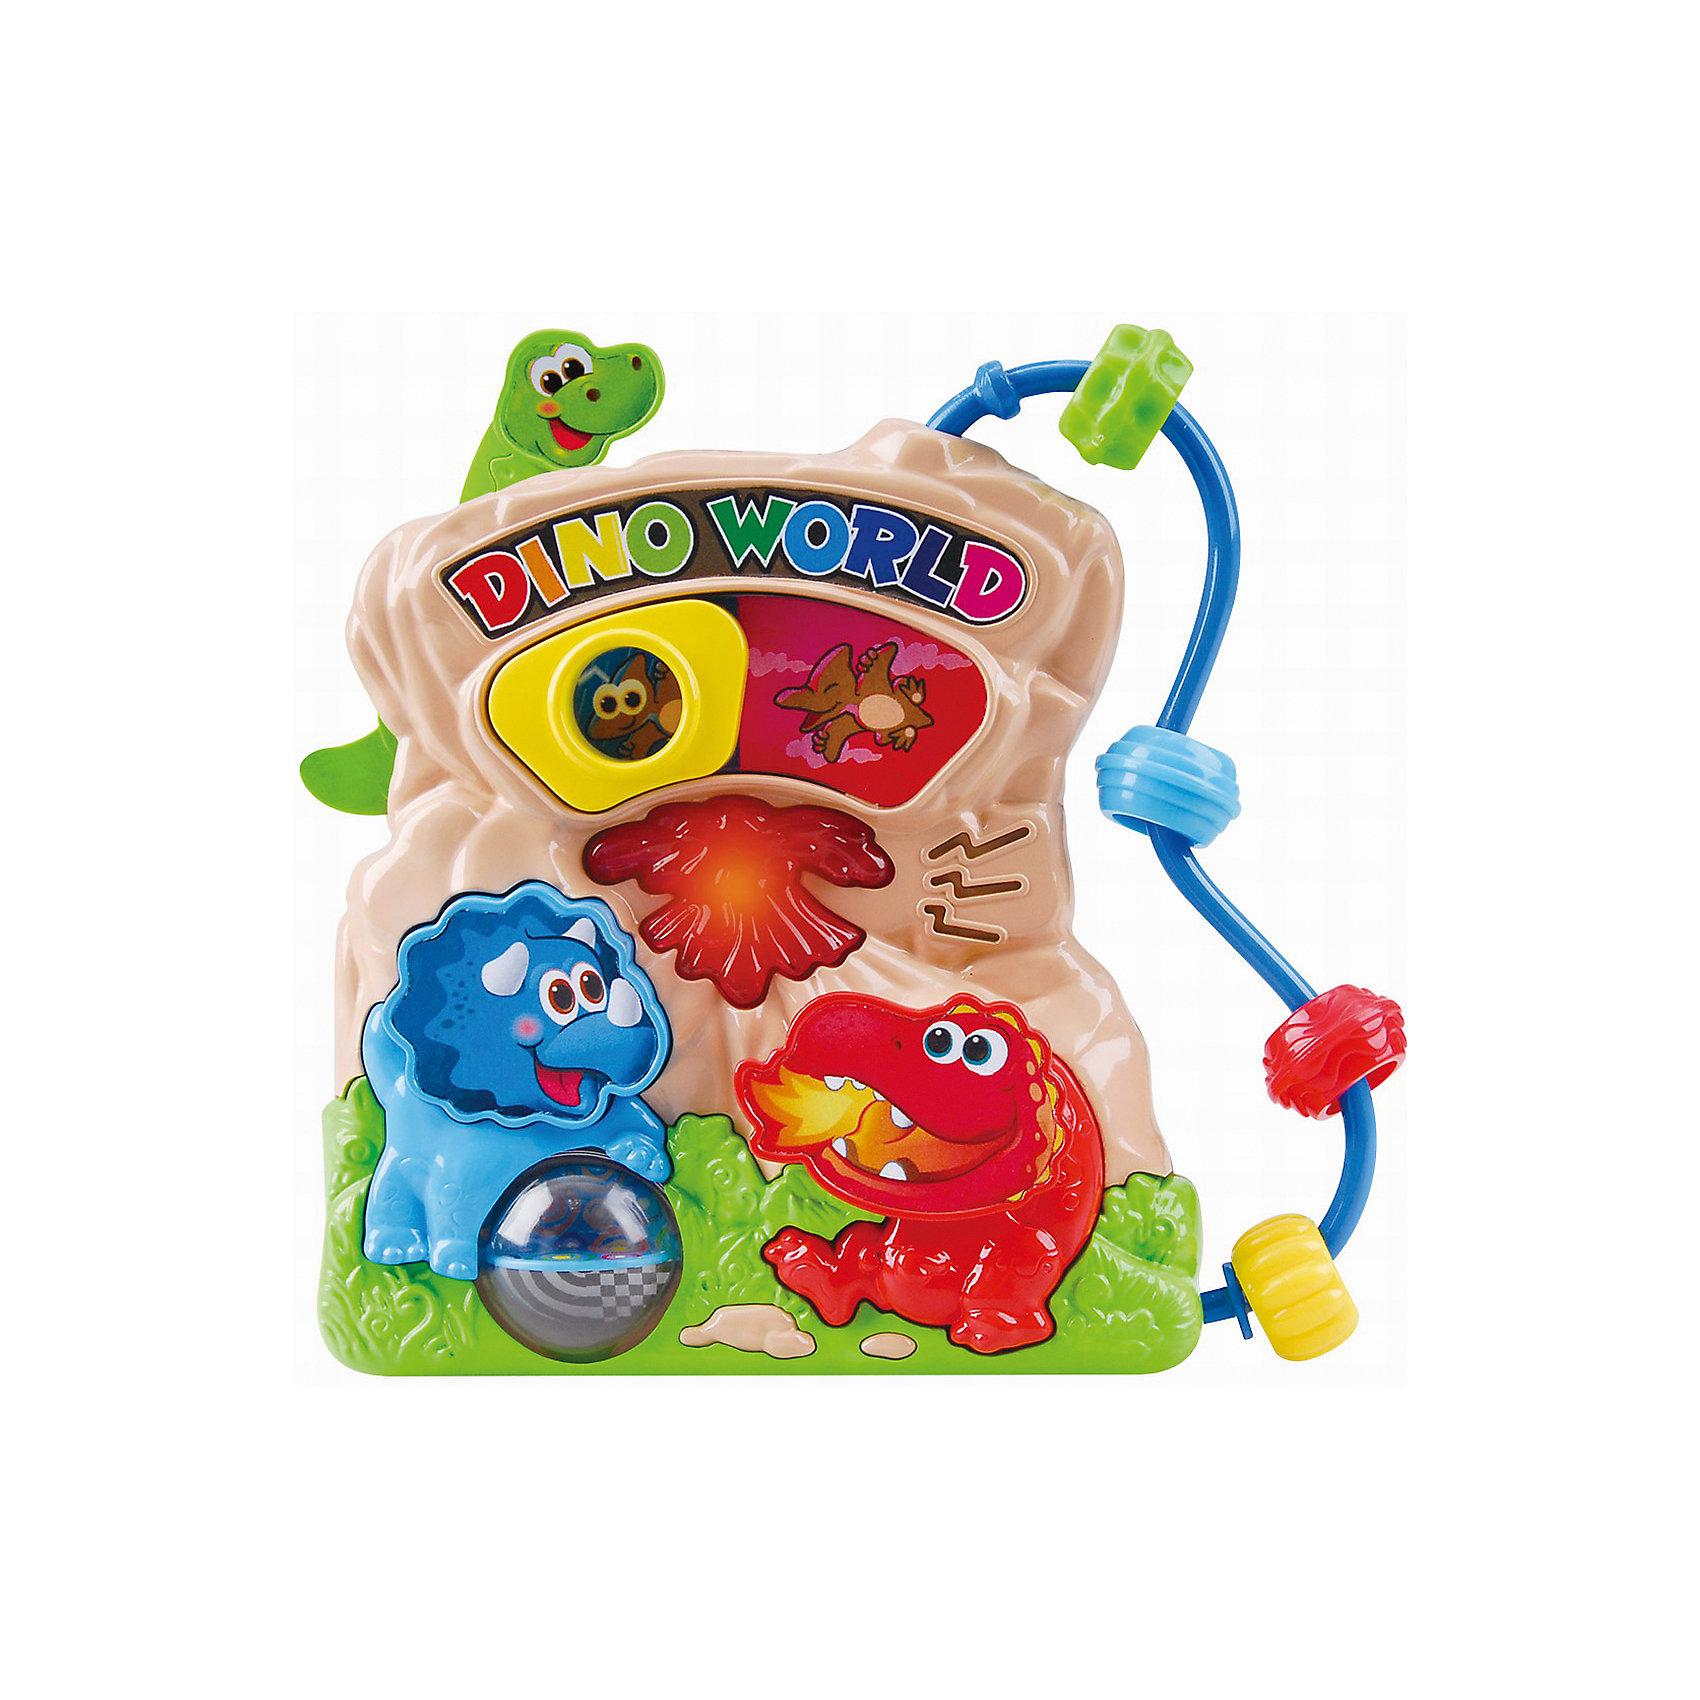 Развивающая игрушка Мир динозавров, PlaygoРазвивающие игрушки<br>Развивающая игрушка Мир динозавров, Playgo<br><br>Характеристики:<br>- Материал: пластик<br>- В комплект входит: игрушка, батарейки 2шт. <br>- Элементы питания: батарейки АА<br>- Размер упаковки: 22 * 5 * 20 см.<br>- Вес: 430 гр.<br>Мир динозавров от известного китайского бренда развивающих игрушек для детей Playgo (Плейго) станет прекрасным подарком для крохи. Птеродактиль, трицератопс и бронтозавр в своей обычной среде обитания рады провести время с малышом. Колесо фортуны трицератопса крутится, а нажимая на кнопочки можно узнать как говорят динозавры и послушать песенки. Кроме того, на пластиковой игрушке имеются двигающиеся цветные колечки. Изготовленная из качественного пластика, яркая игрушка поможет развить тактильные ощущения, звуковое восприятие, воображение, световое восприятие и моторику ручек. Небольшой размер позволит брать веселую игрушку на прогулку или в поездку.<br>Развивающую игрушку Мир динозавров, Playgo (Плейго) можно купить в нашем интернет-магазине.<br>Подробнее:<br>• Для детей в возрасте: от 6 до 24 месяцев <br>• Номер товара: 5054055<br>Страна производитель: Китай<br><br>Ширина мм: 210<br>Глубина мм: 200<br>Высота мм: 55<br>Вес г: 430<br>Возраст от месяцев: 6<br>Возраст до месяцев: 24<br>Пол: Унисекс<br>Возраст: Детский<br>SKU: 5054055